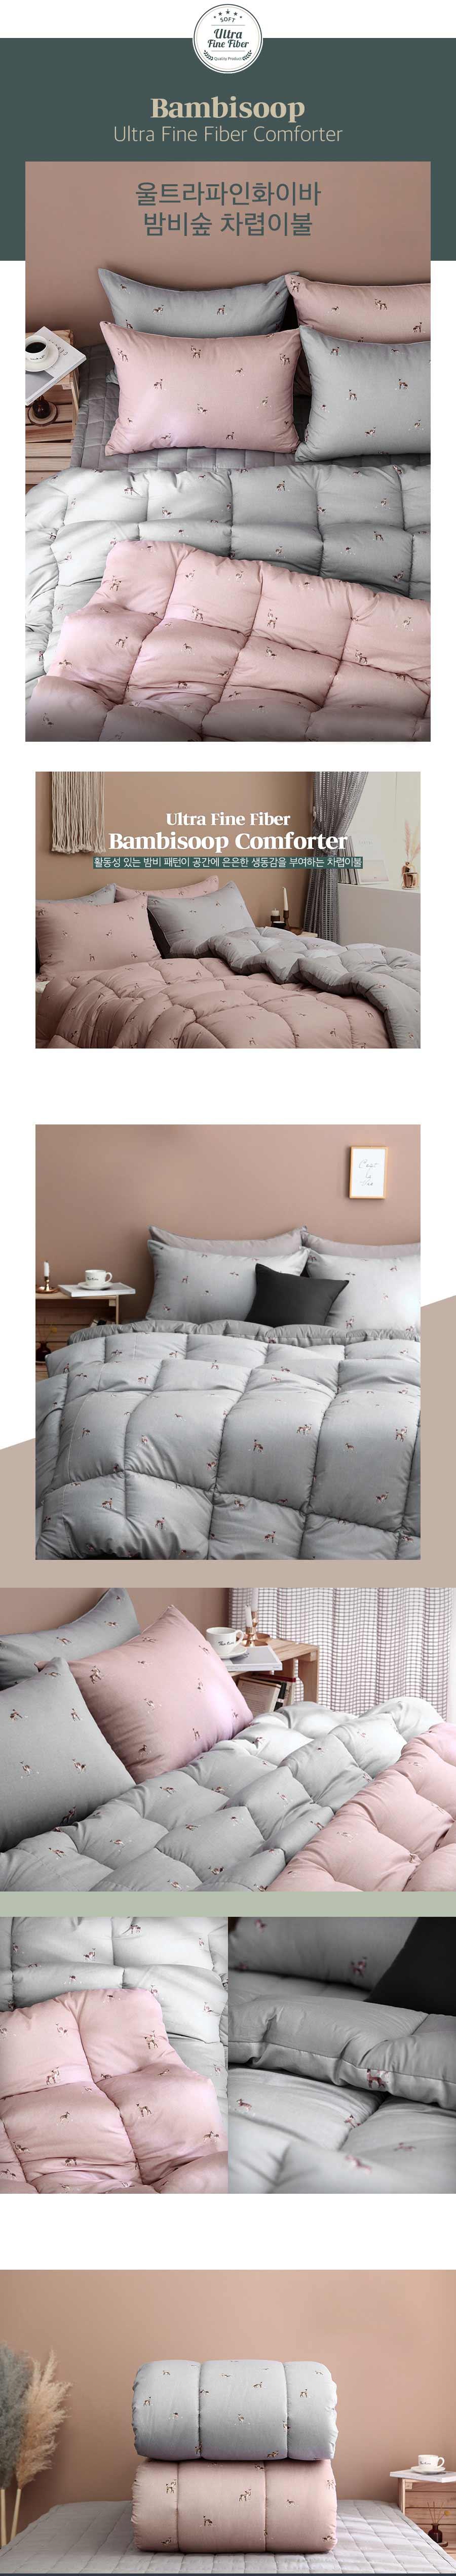 Bộ đồ giường Bambisoop